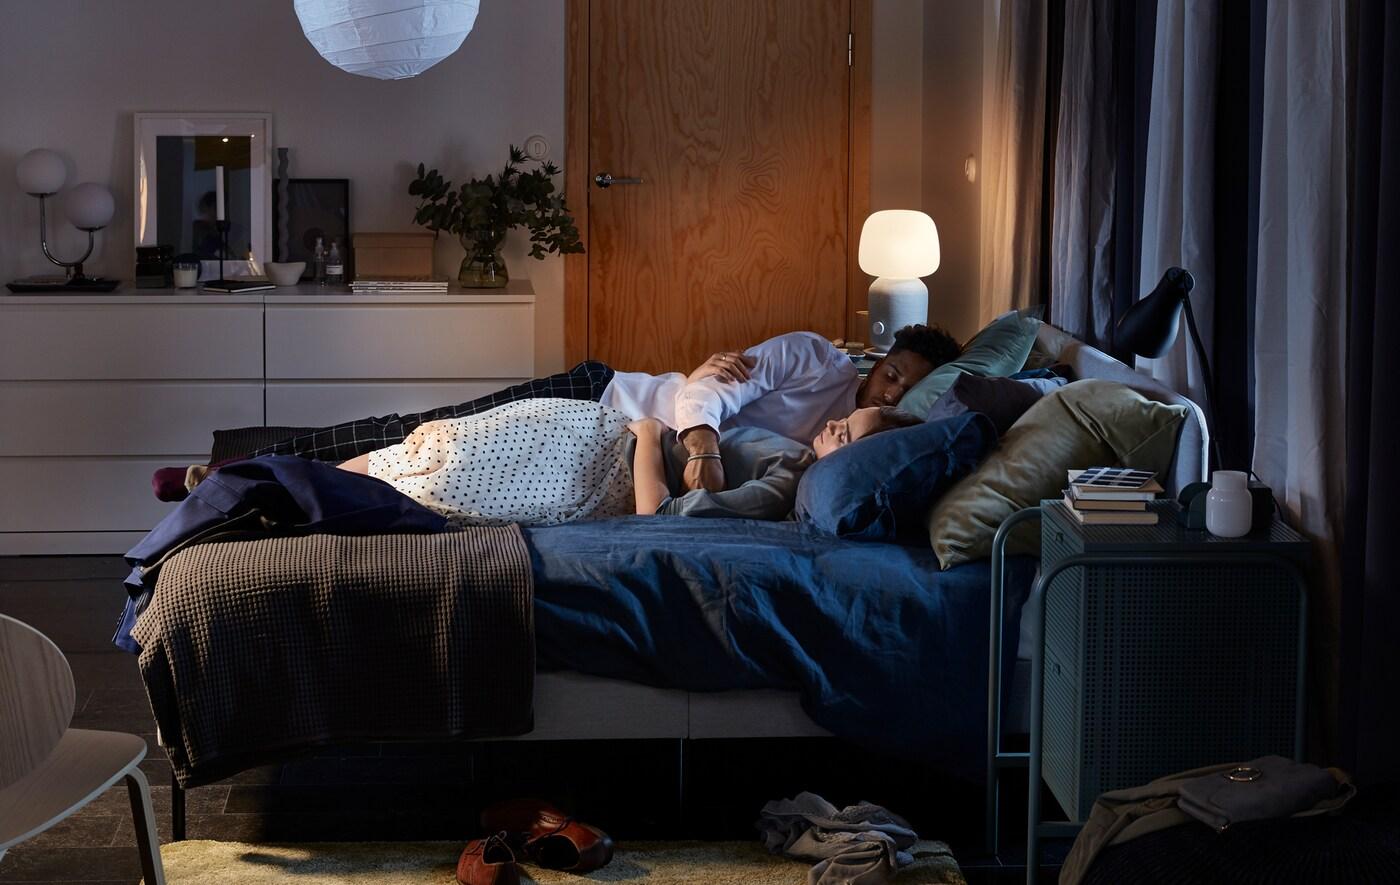 Un couple dort dans un lit rembourré SLATTUM, et on aperçoit en arrière-plan une lampe de table haut-parleur SYMFONISKallumée.